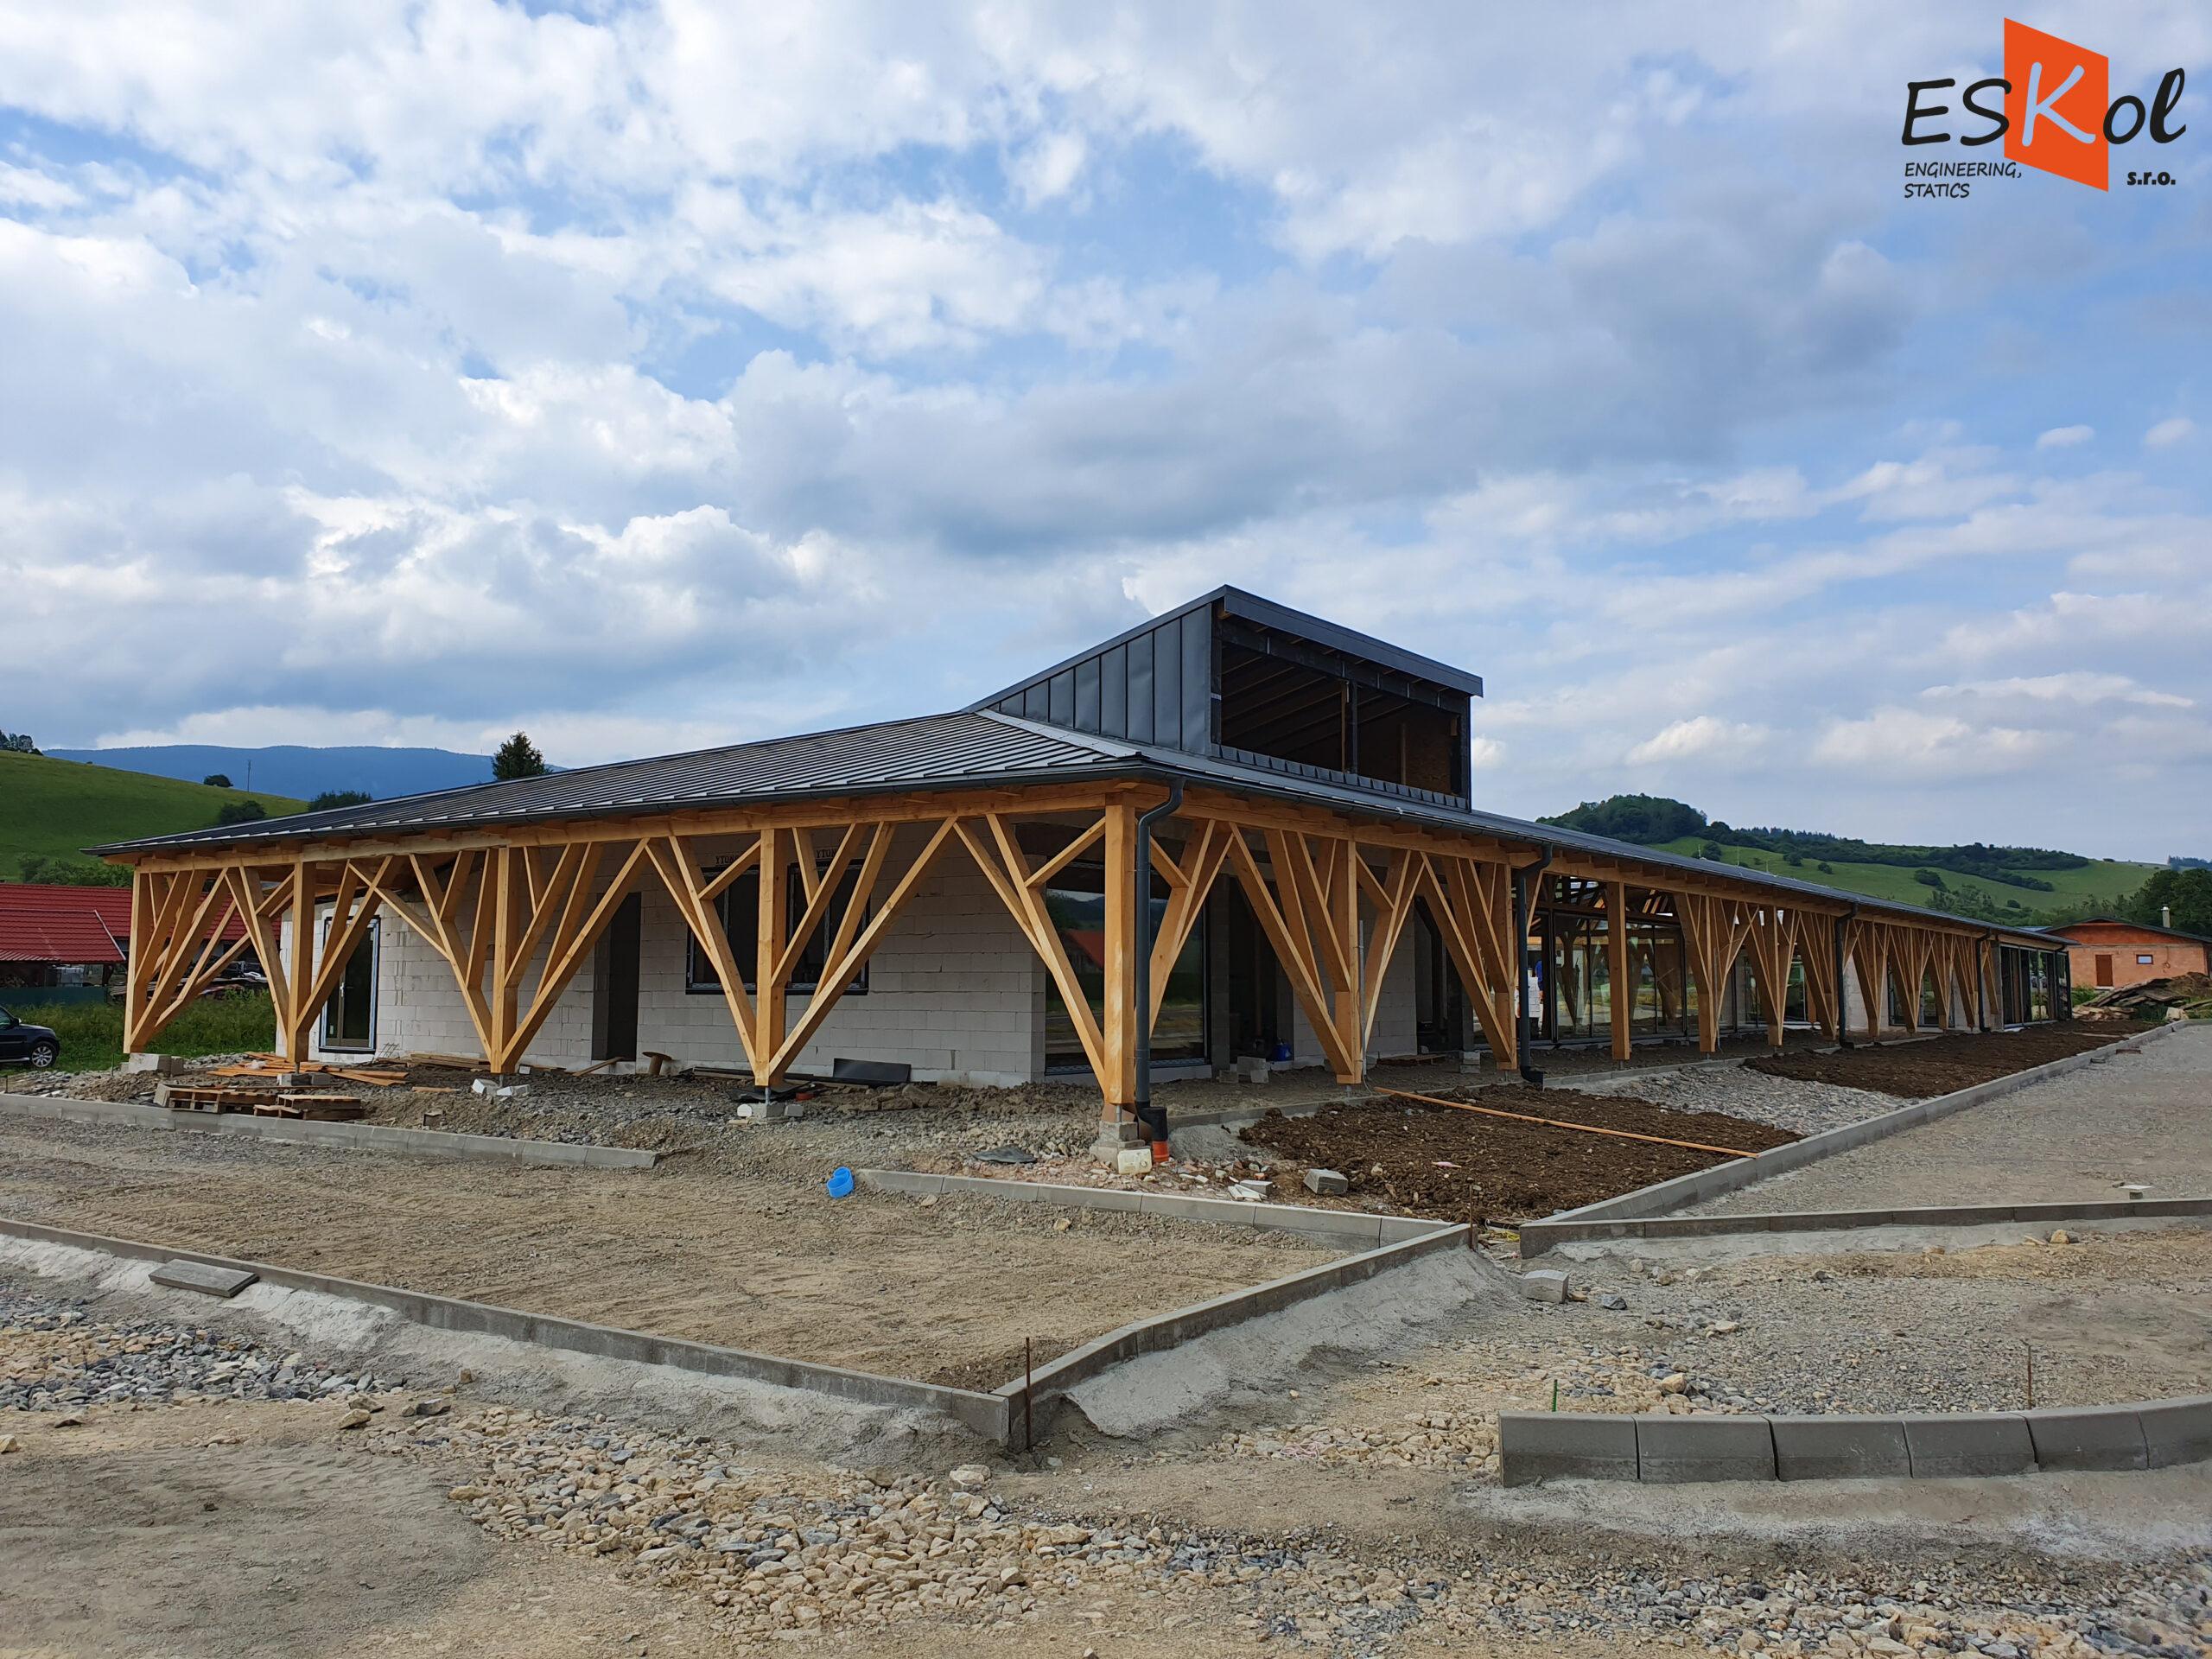 Drevene konstrukcie 2020 (7)